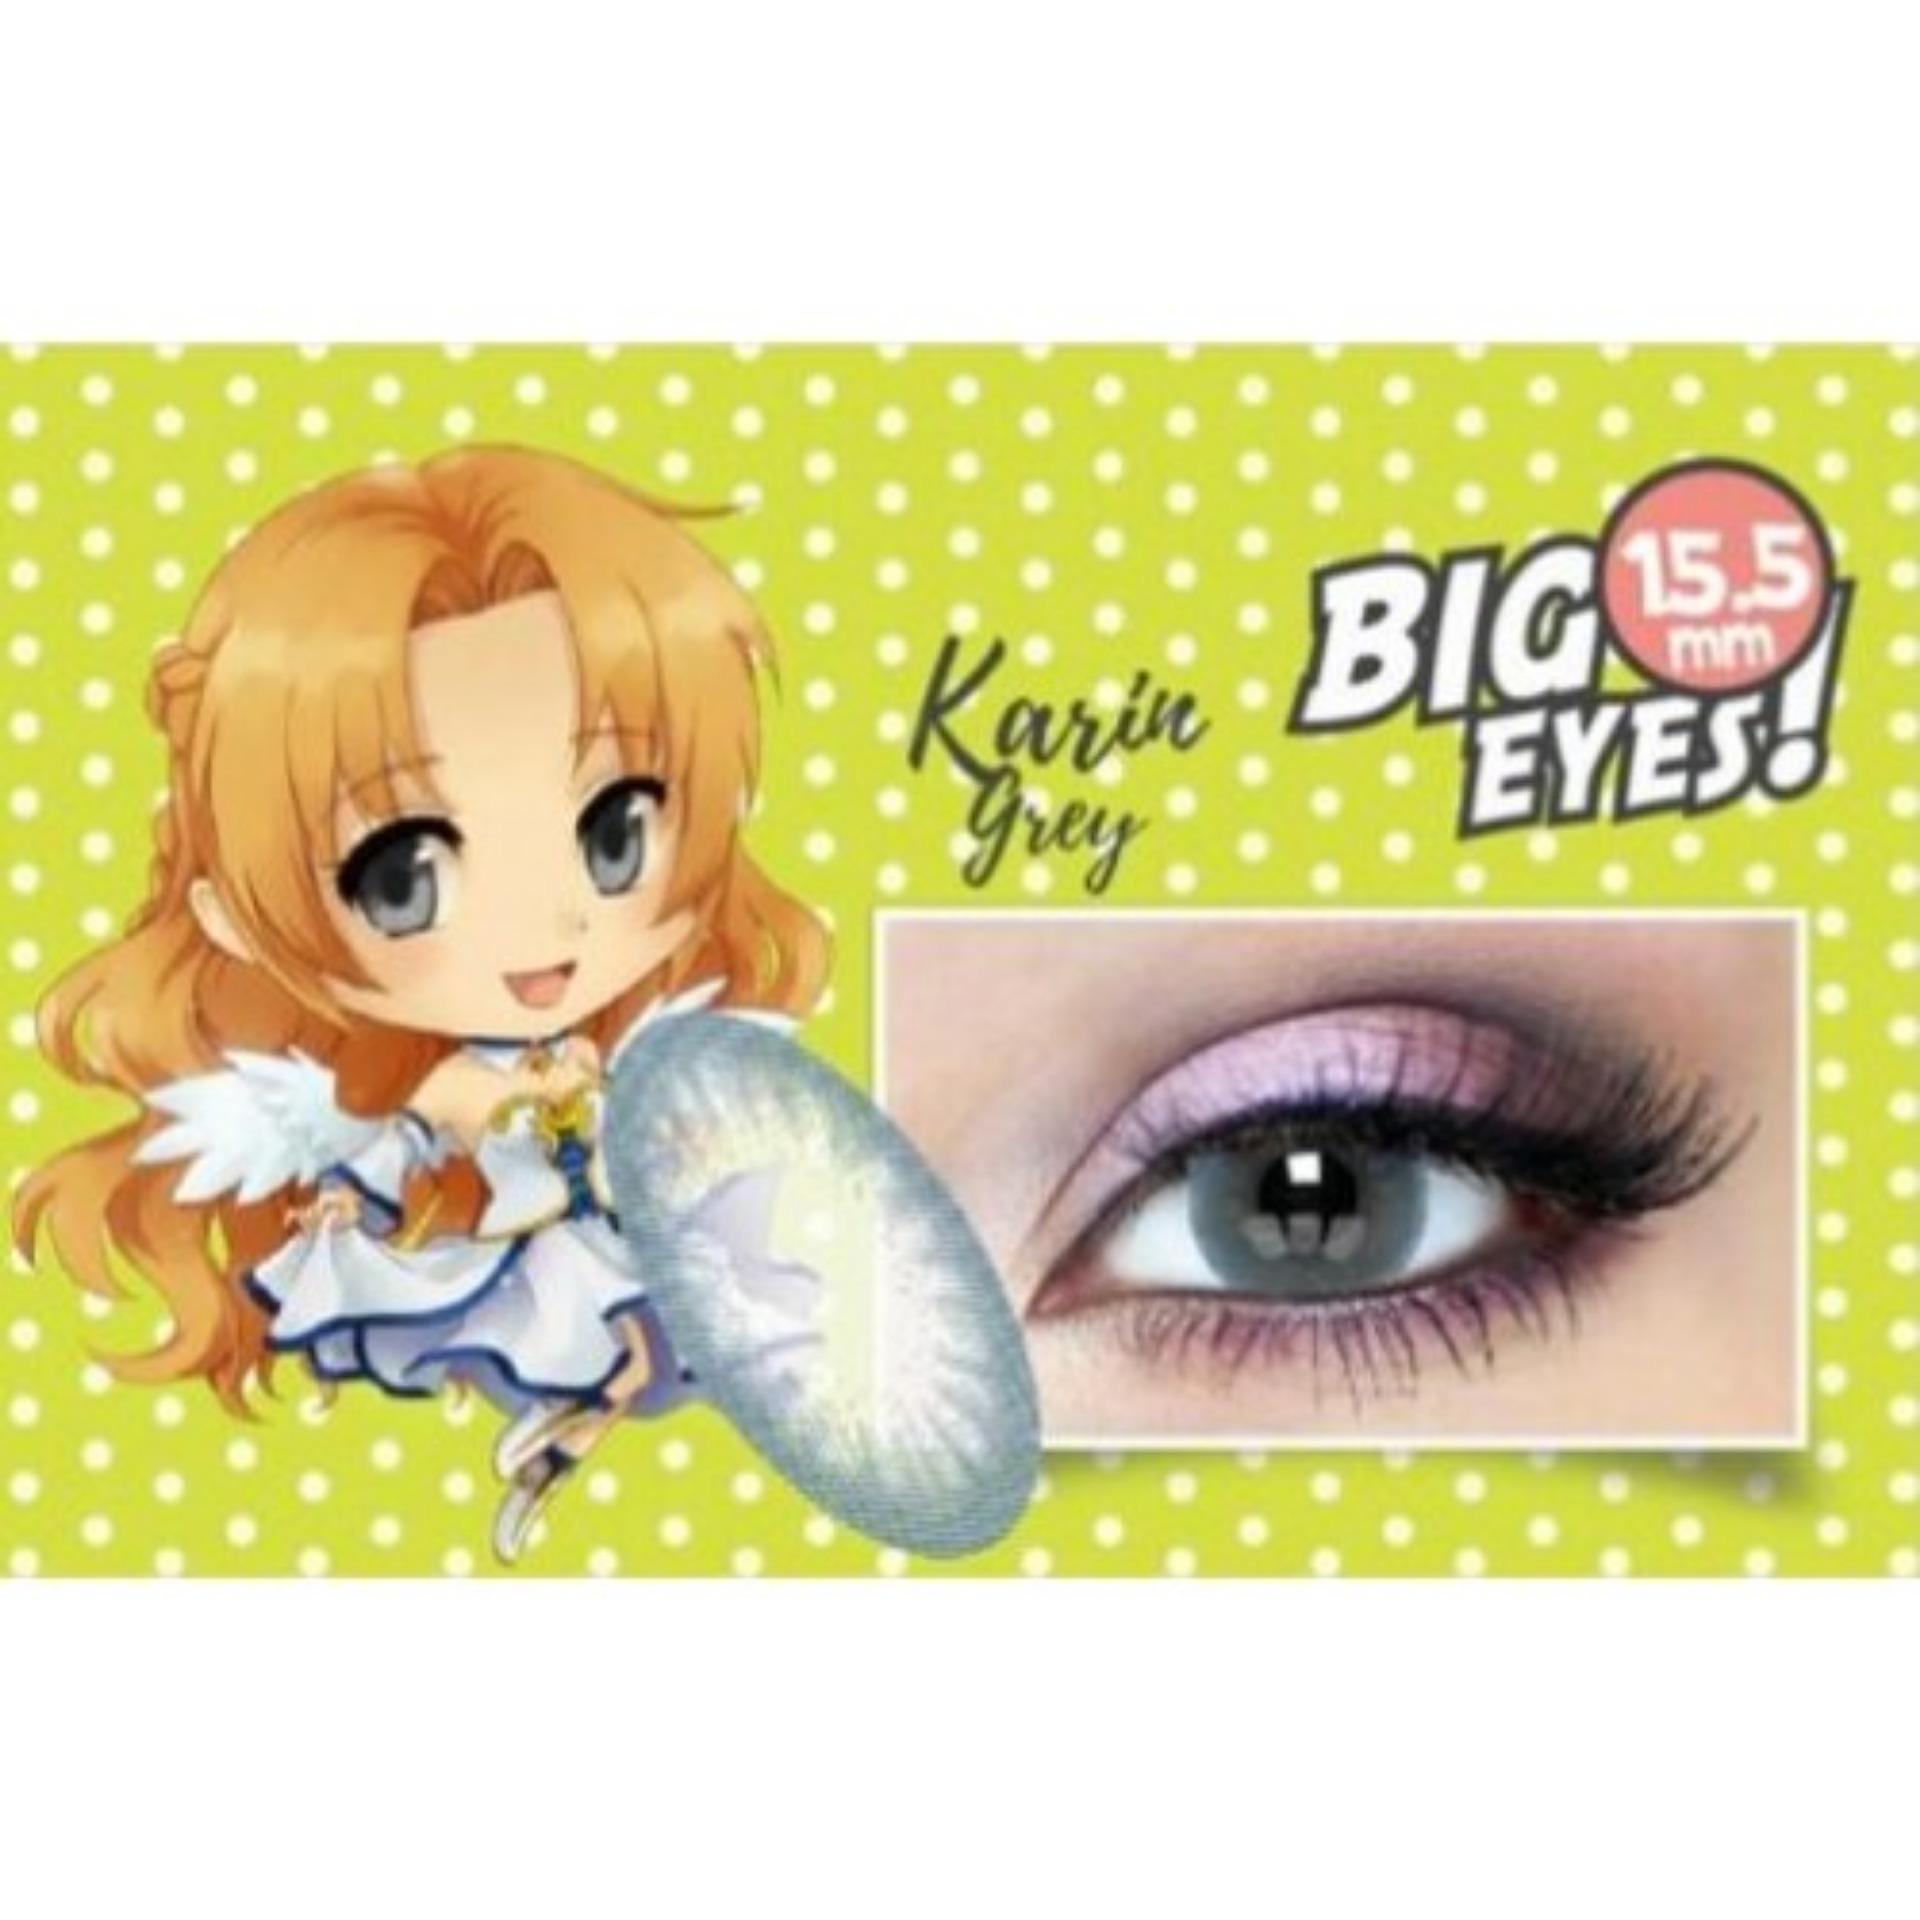 Softlens X2 SHIN MANGA Big Eyes - KARIN GREY + FREE LENSCASE